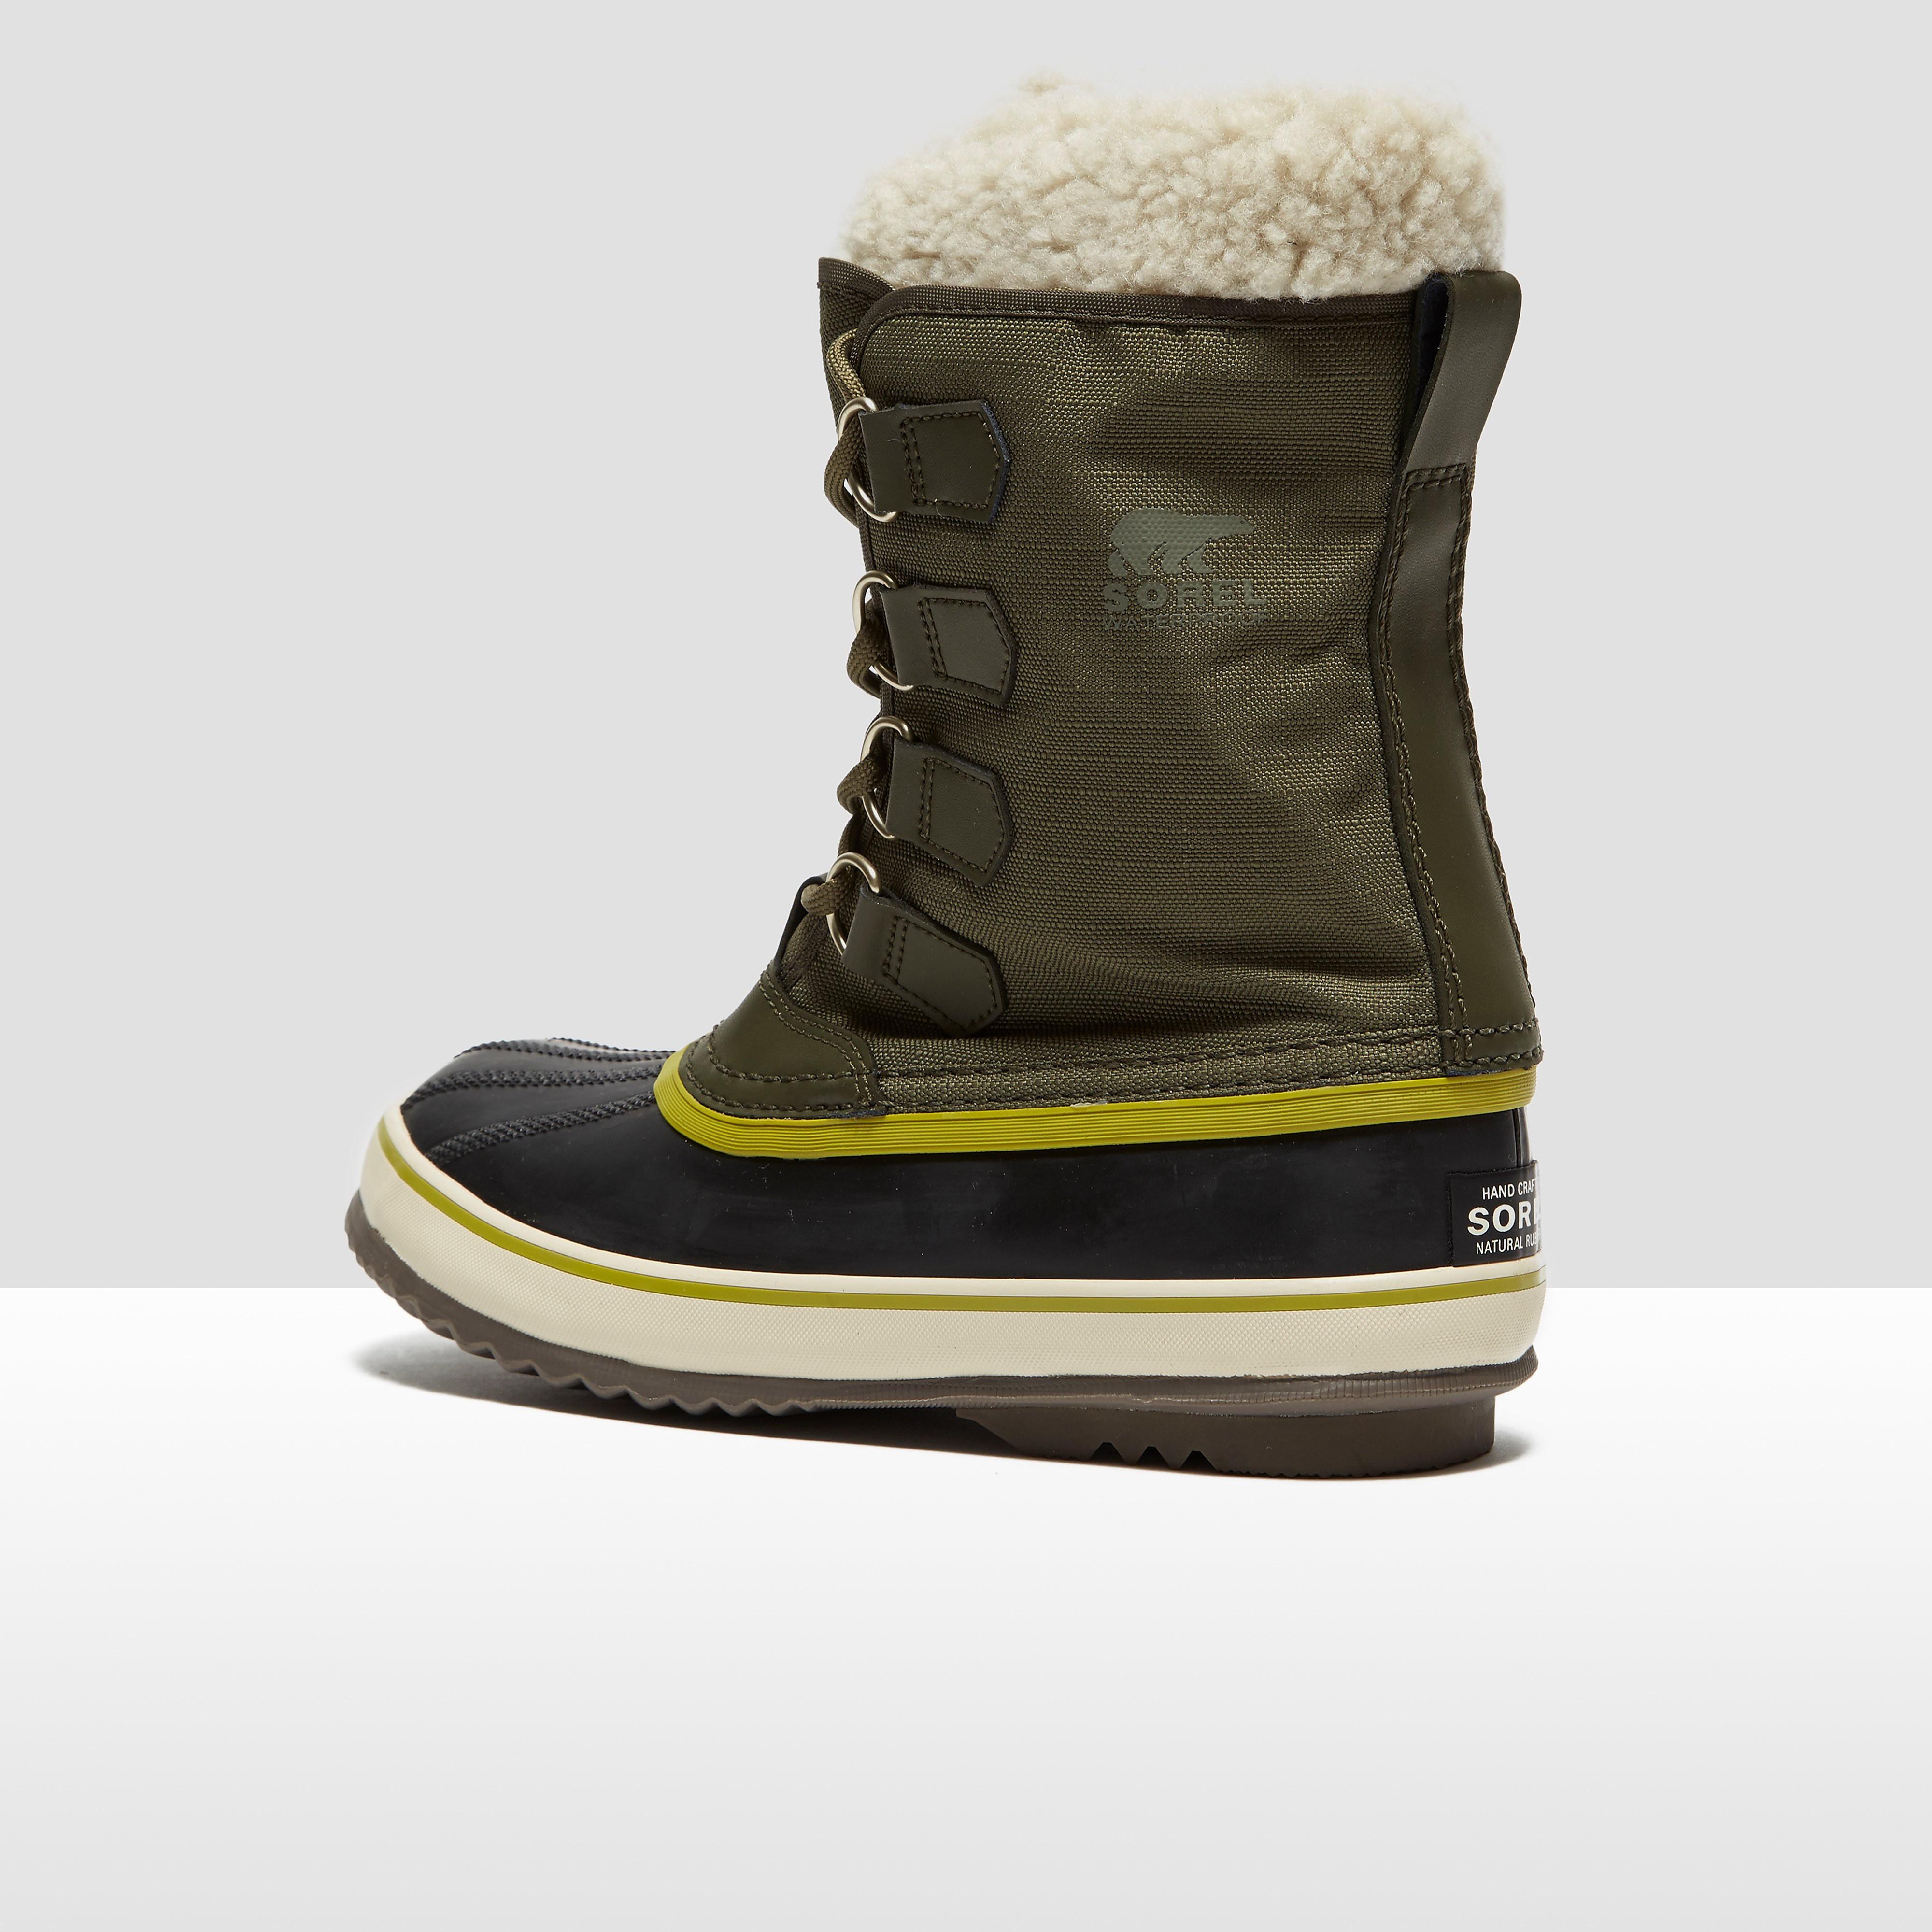 Sorel Winter Carnival Women's Winter Boots